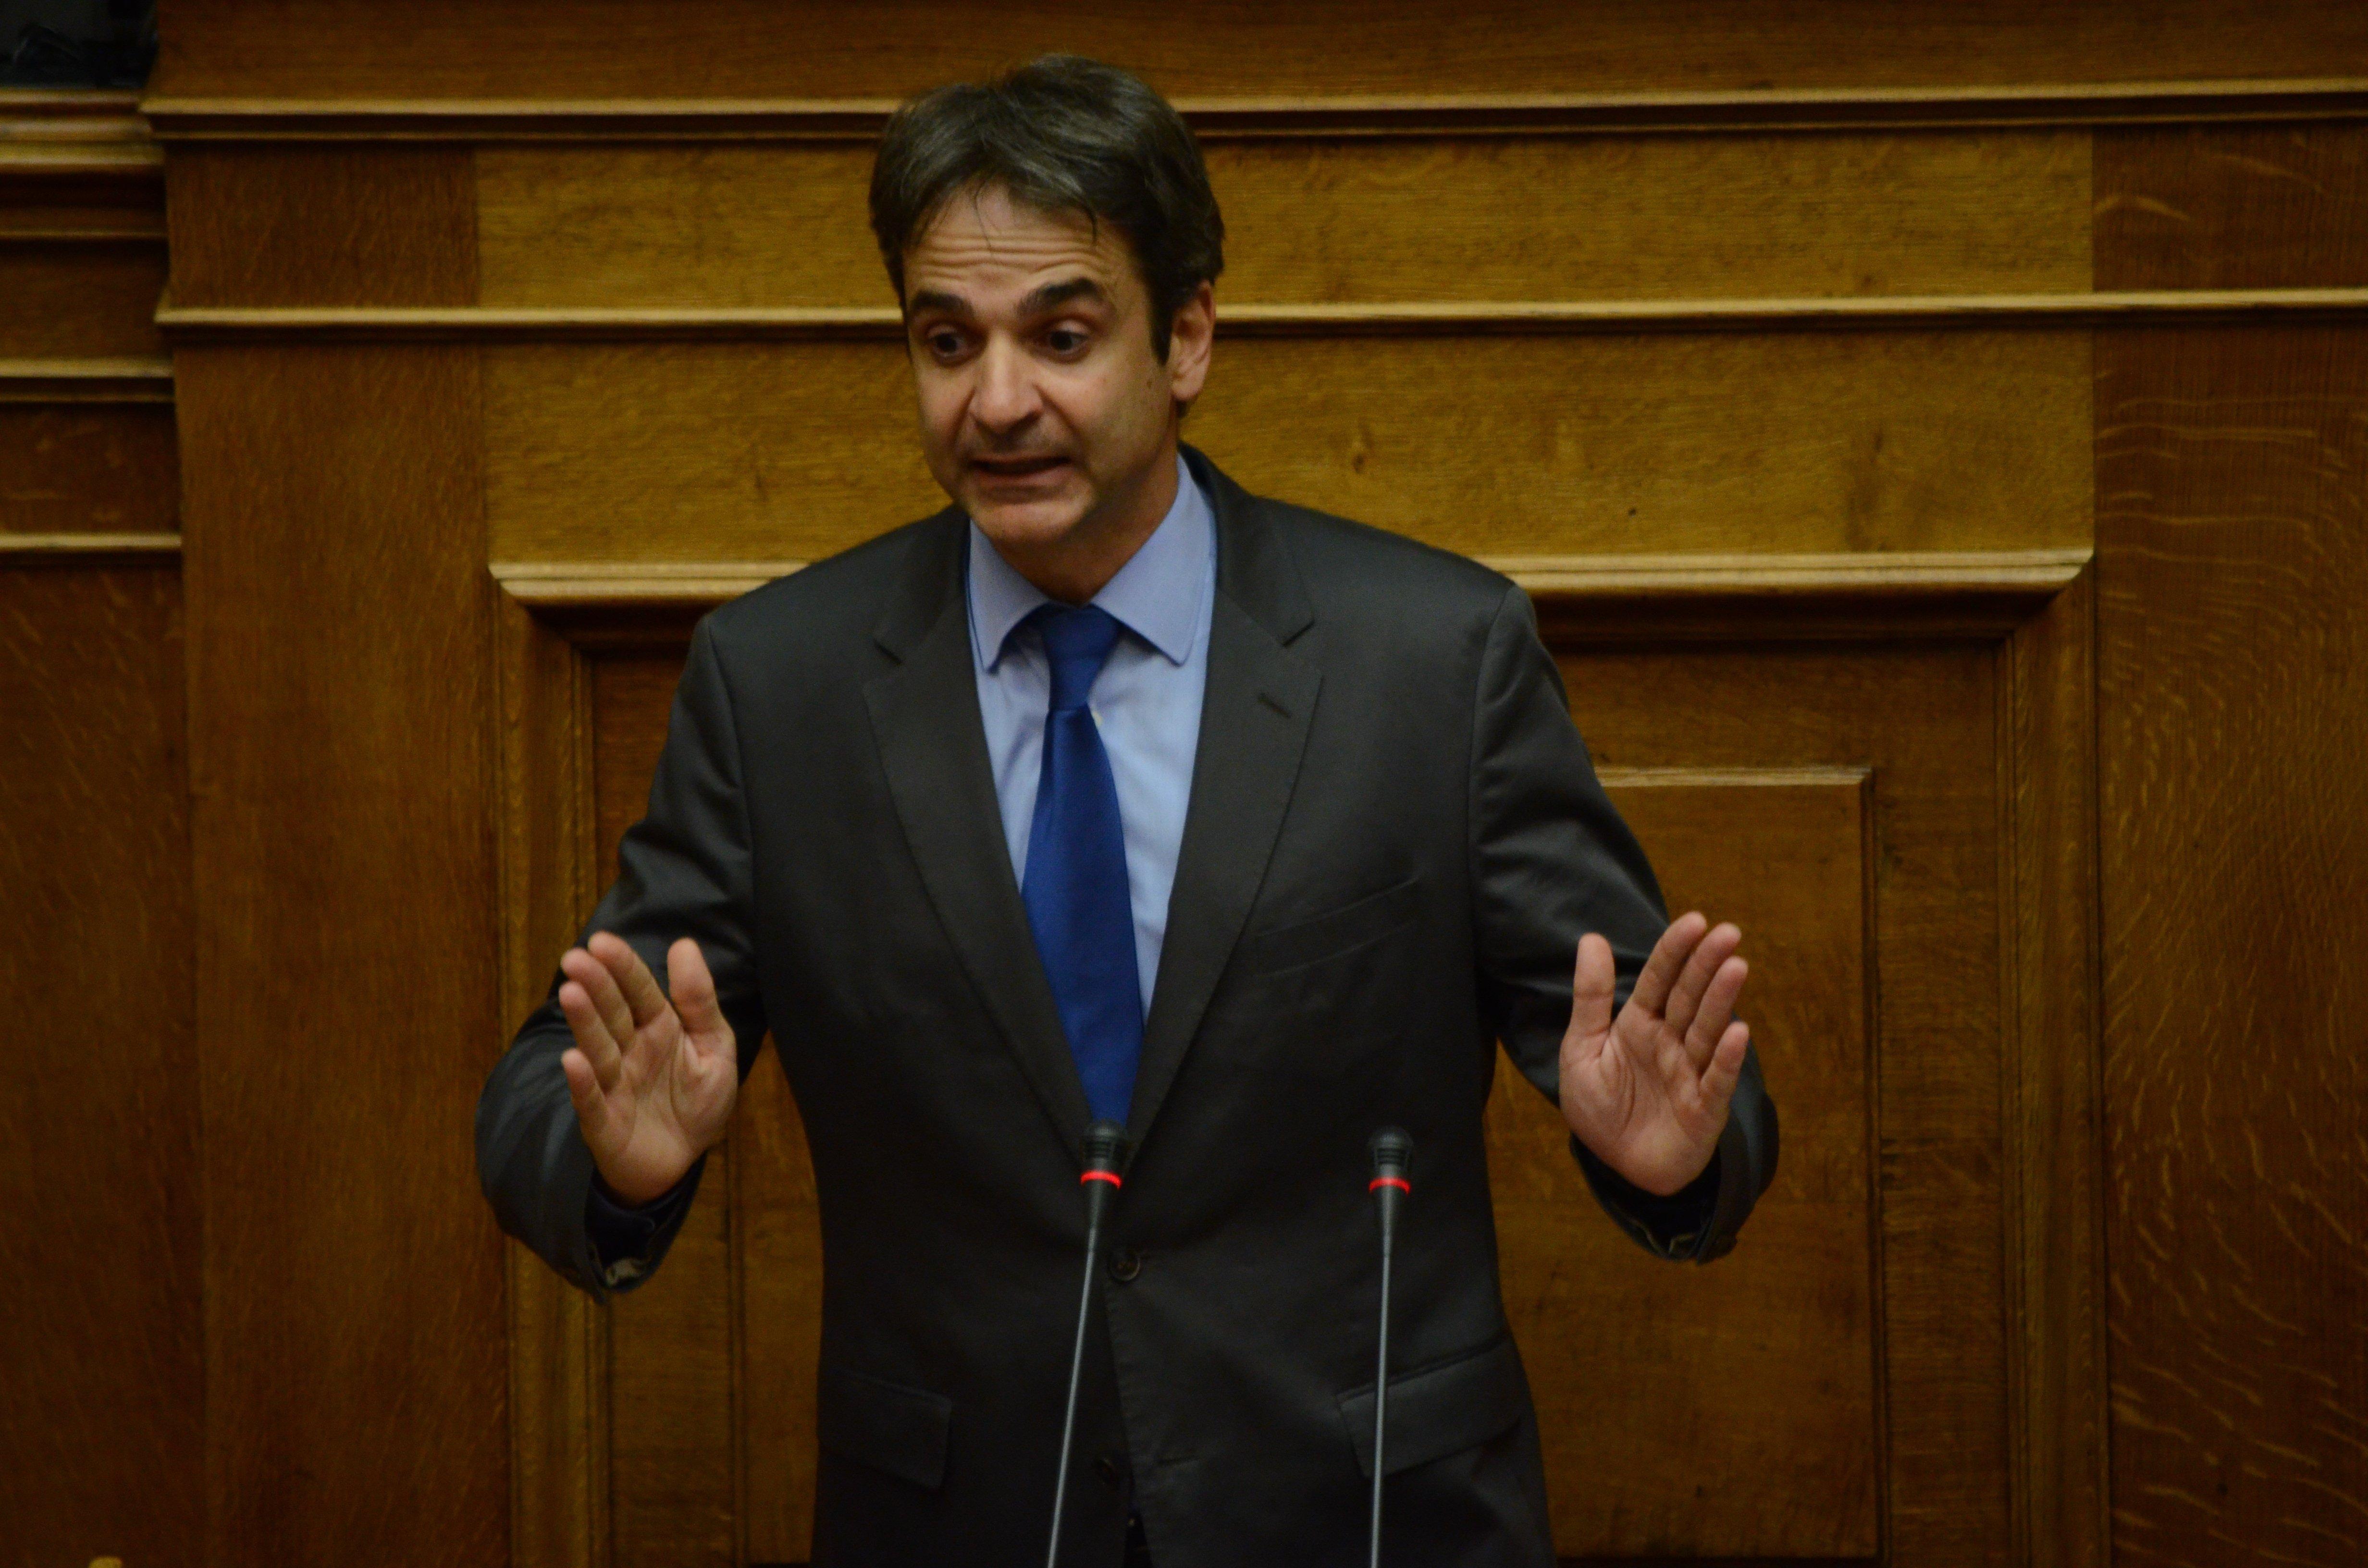 Μητσοτάκης: «Η λύση για την ονομασία της ΠΓΔΜ, θα πρέπει να αναζητηθεί σε κάποια άλλη